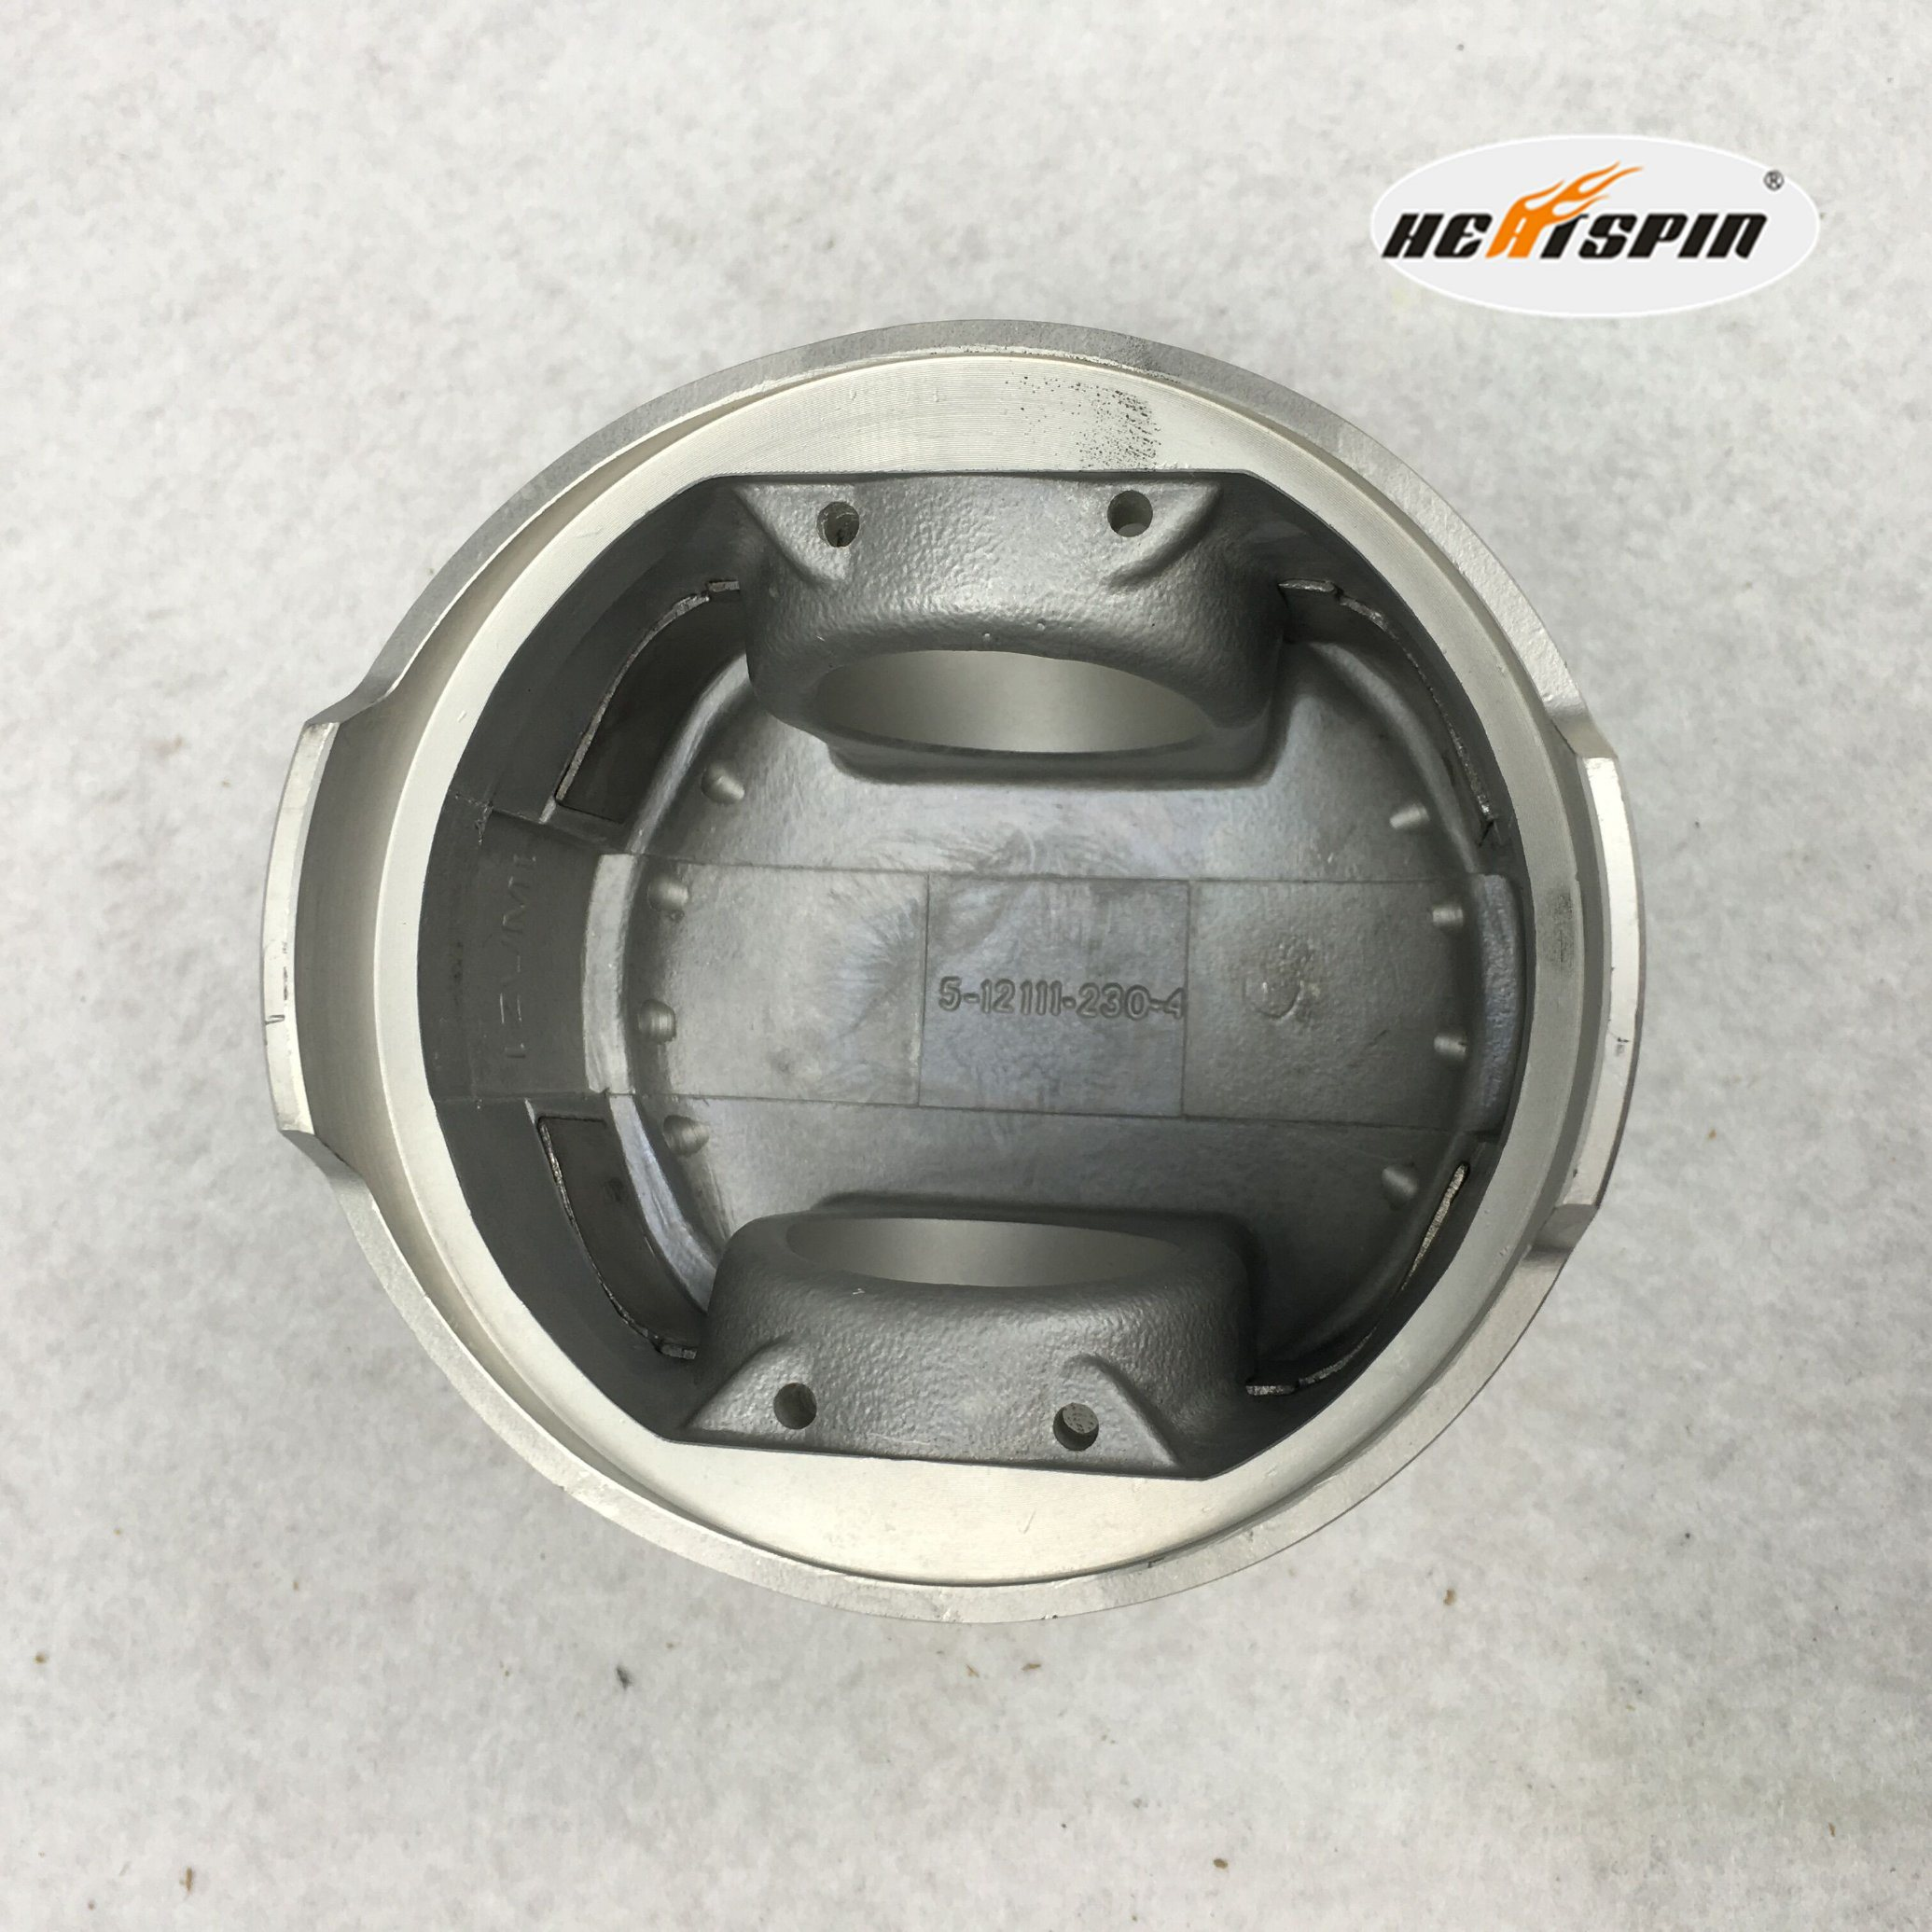 Isuzu 4bc2 Alfin Piston with One Year Warranty OEM 5-12111-230-4